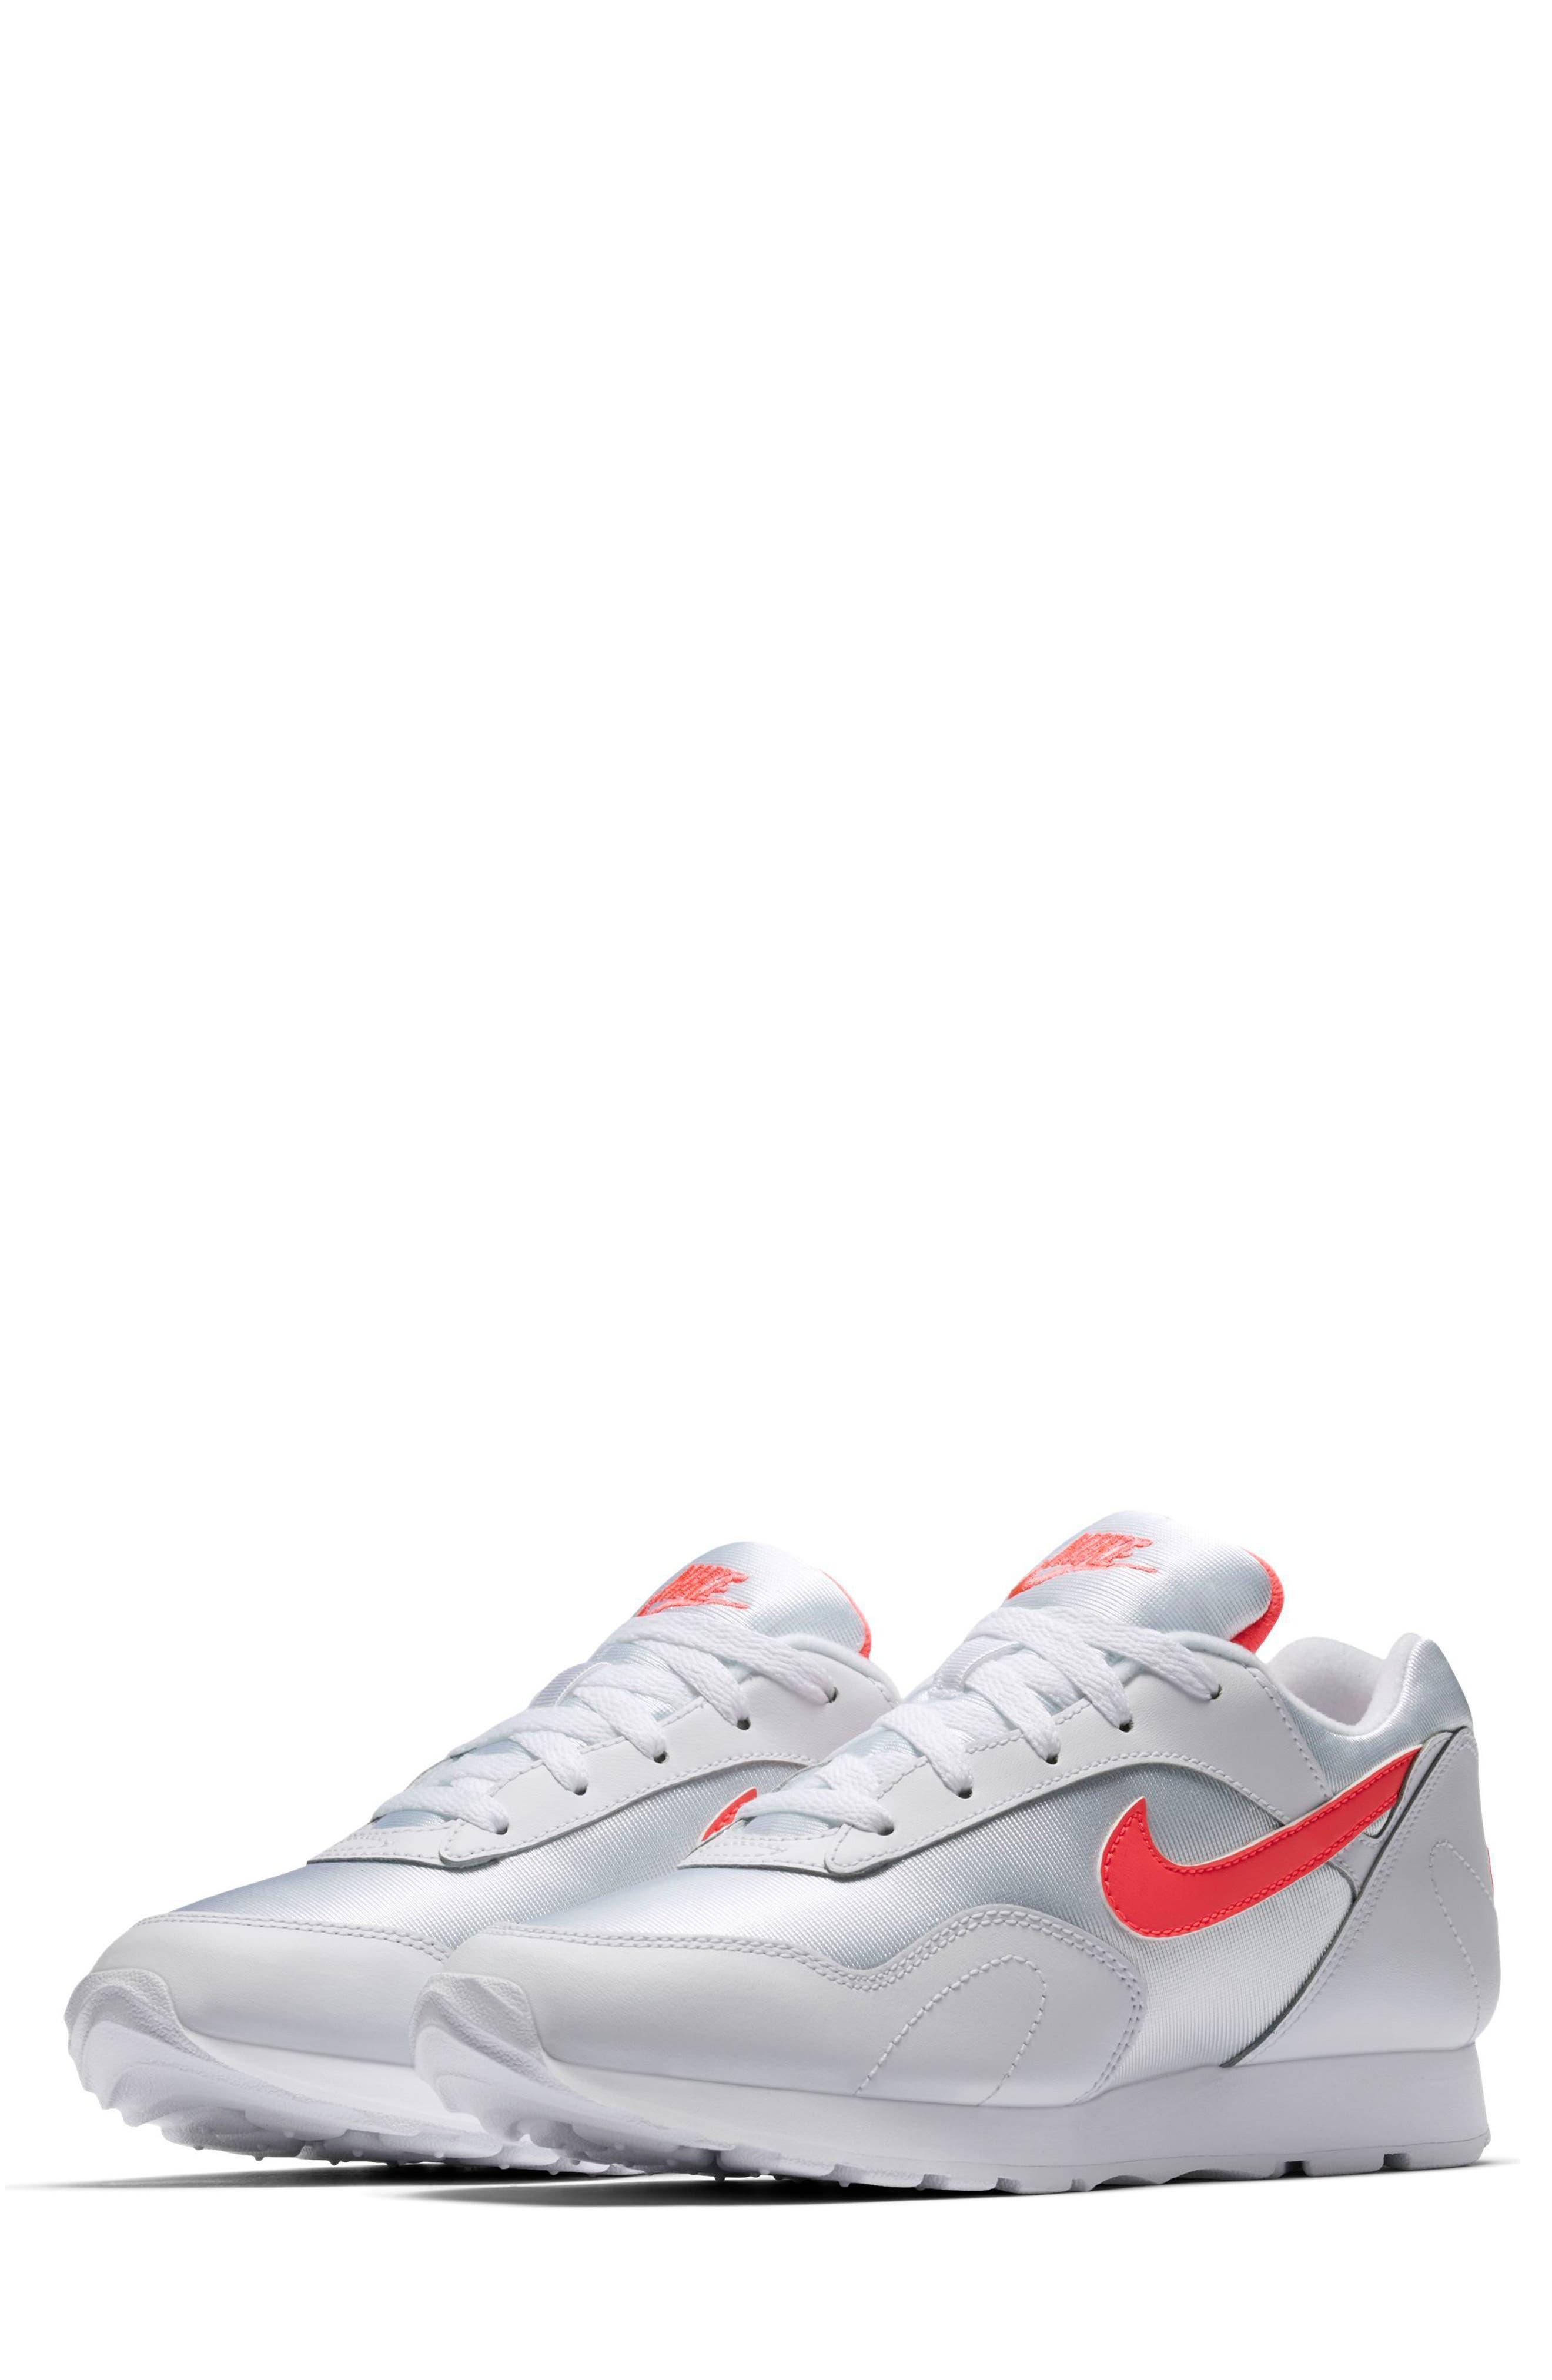 Outburst OG Sneaker,                         Main,                         color, 101